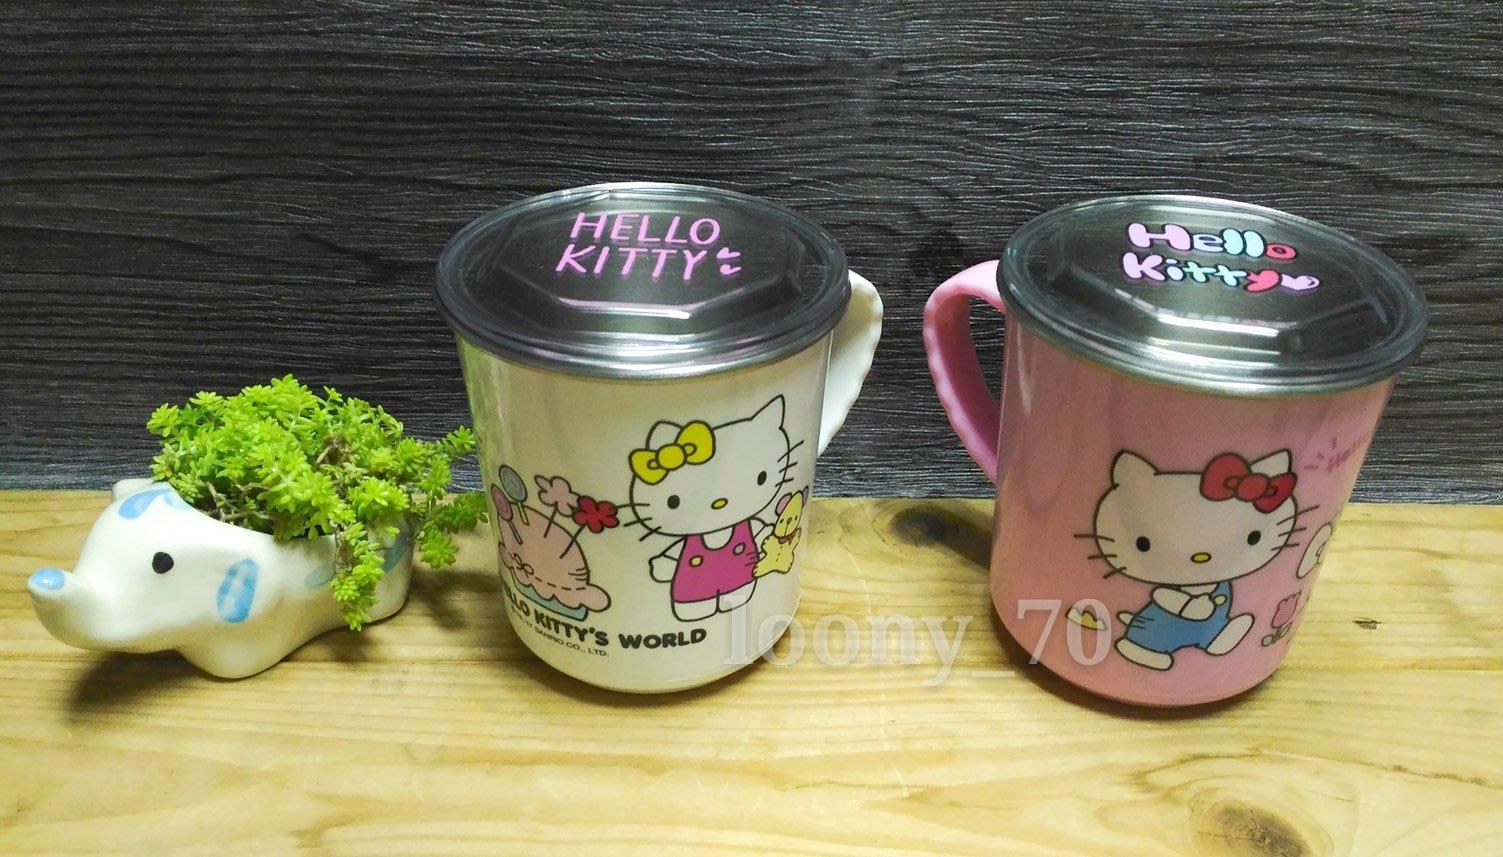 正版 HELLO KITTY 凱蒂貓304不鏽鋼杯附杯蓋 KT 304不鏽鋼杯 兒童水杯 茶杯 單兒水杯 透明杯蓋